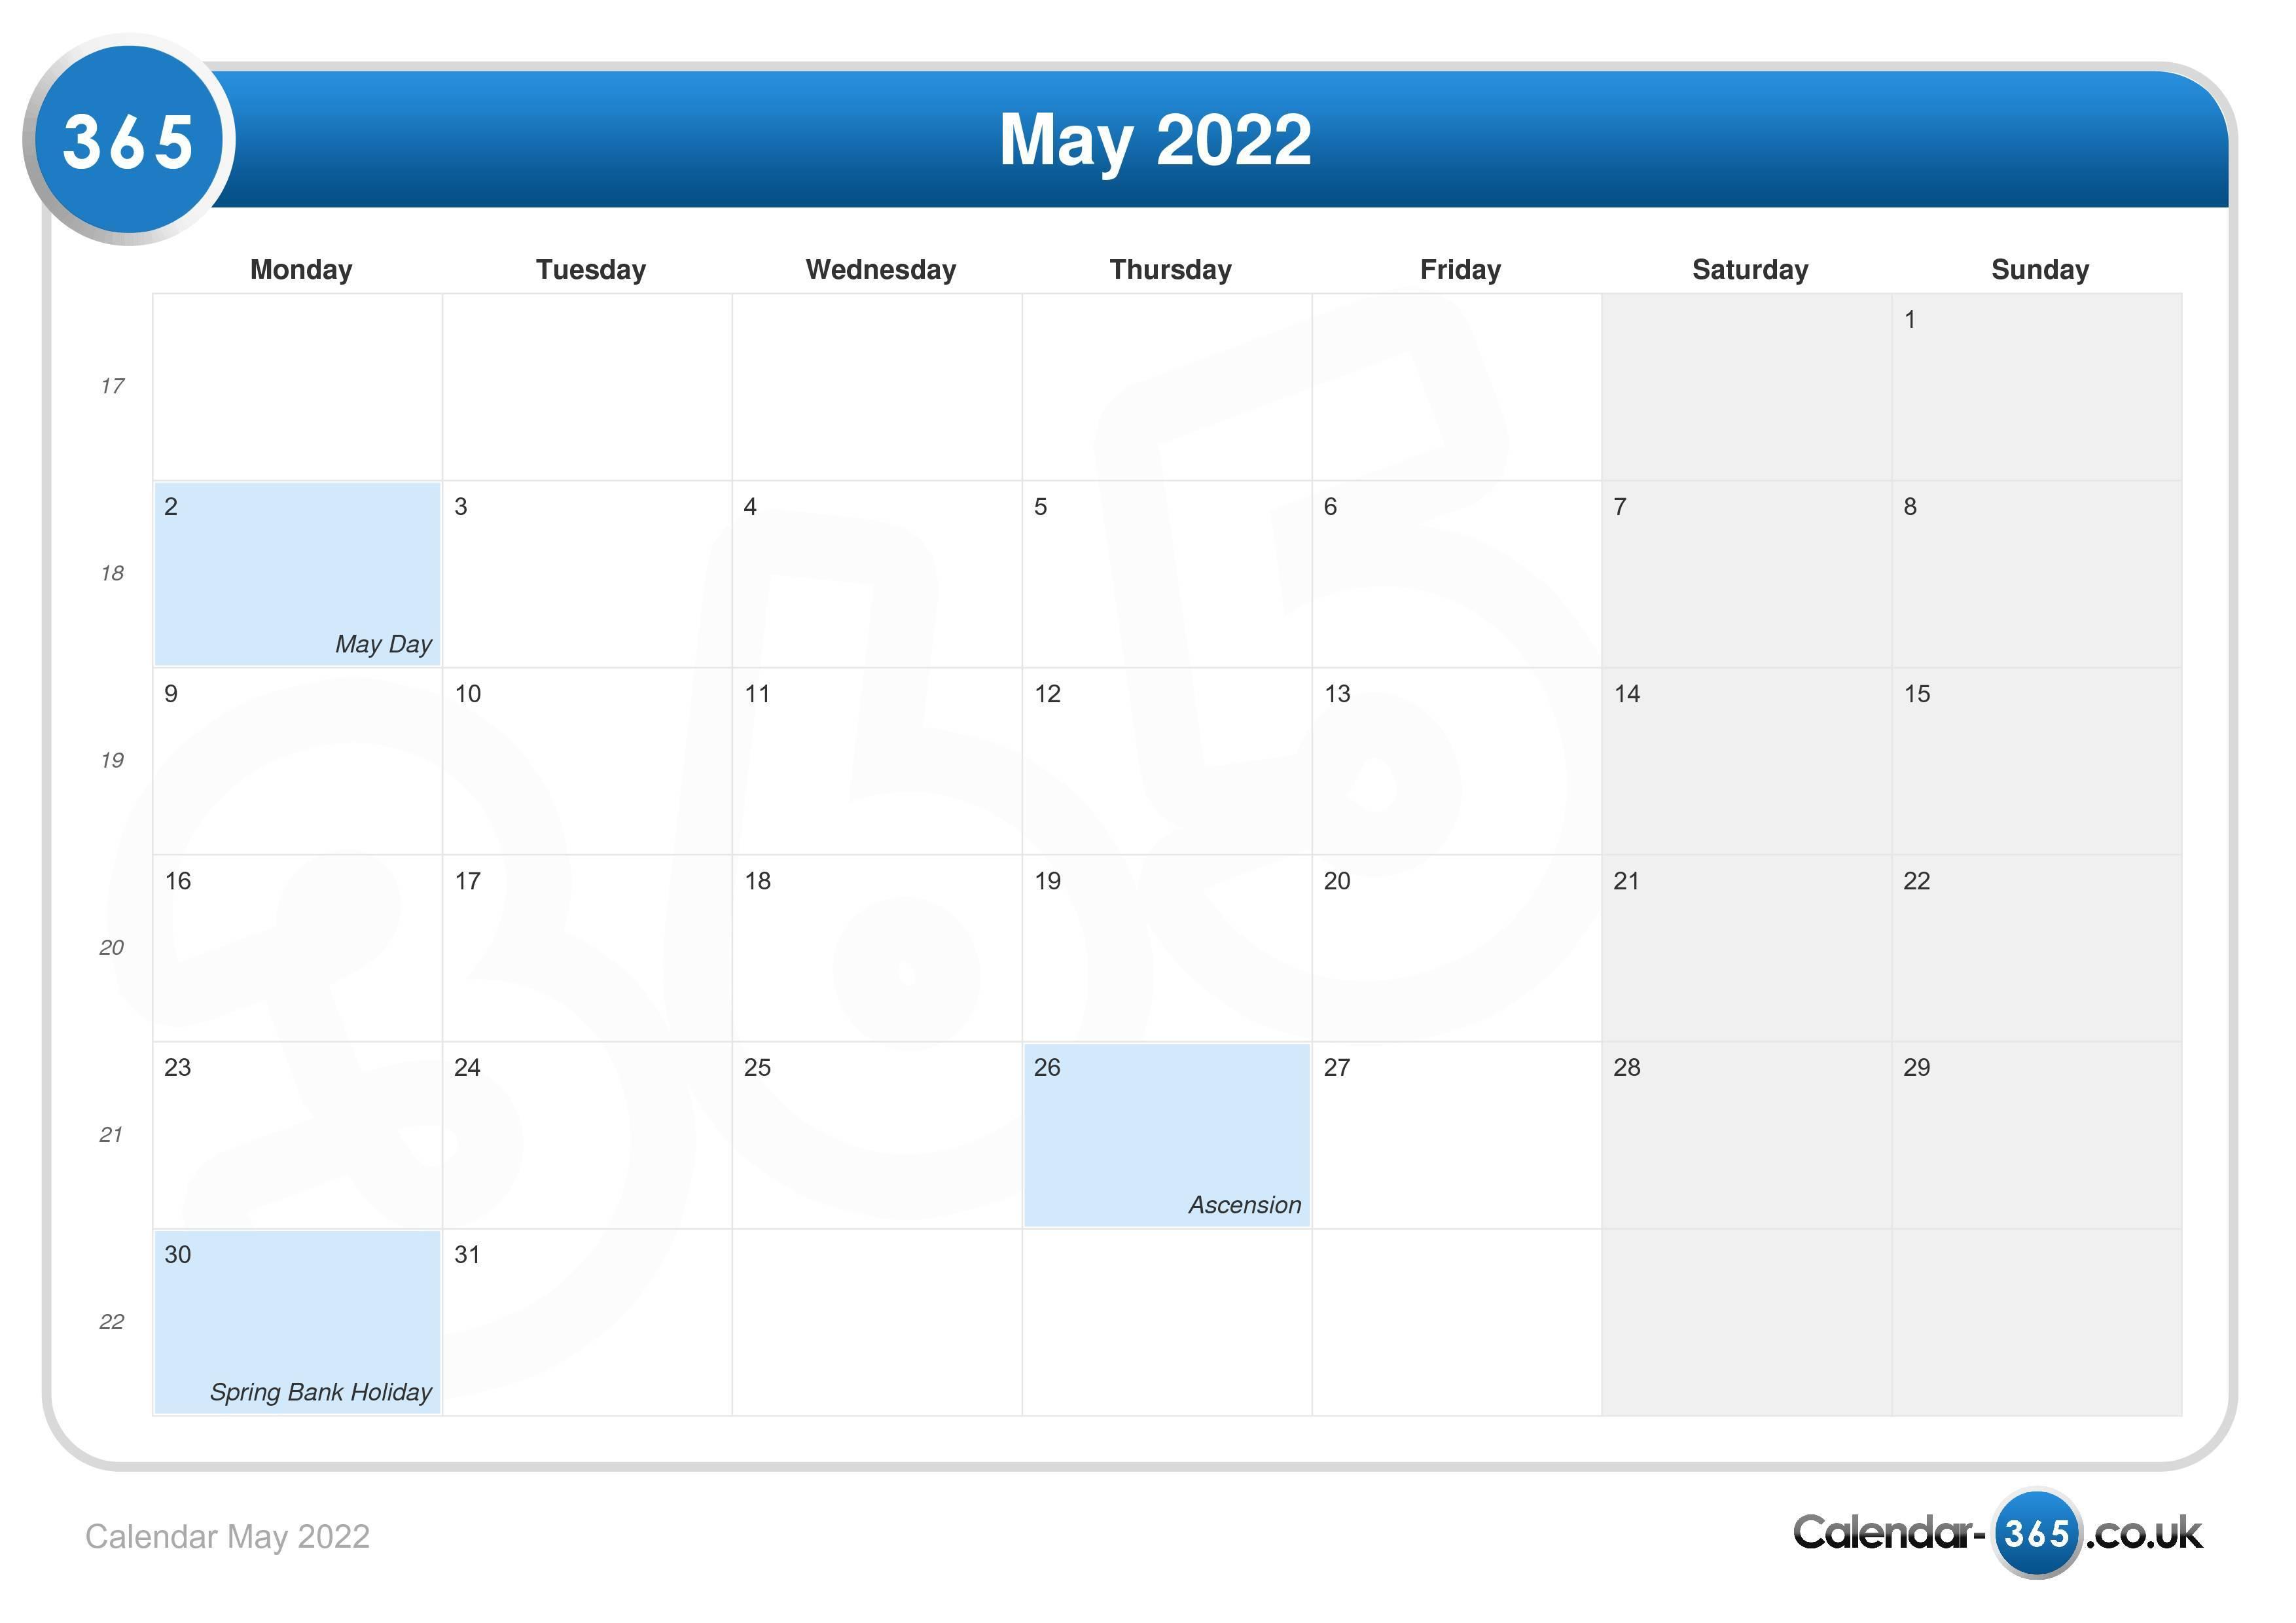 Calendar May 2022